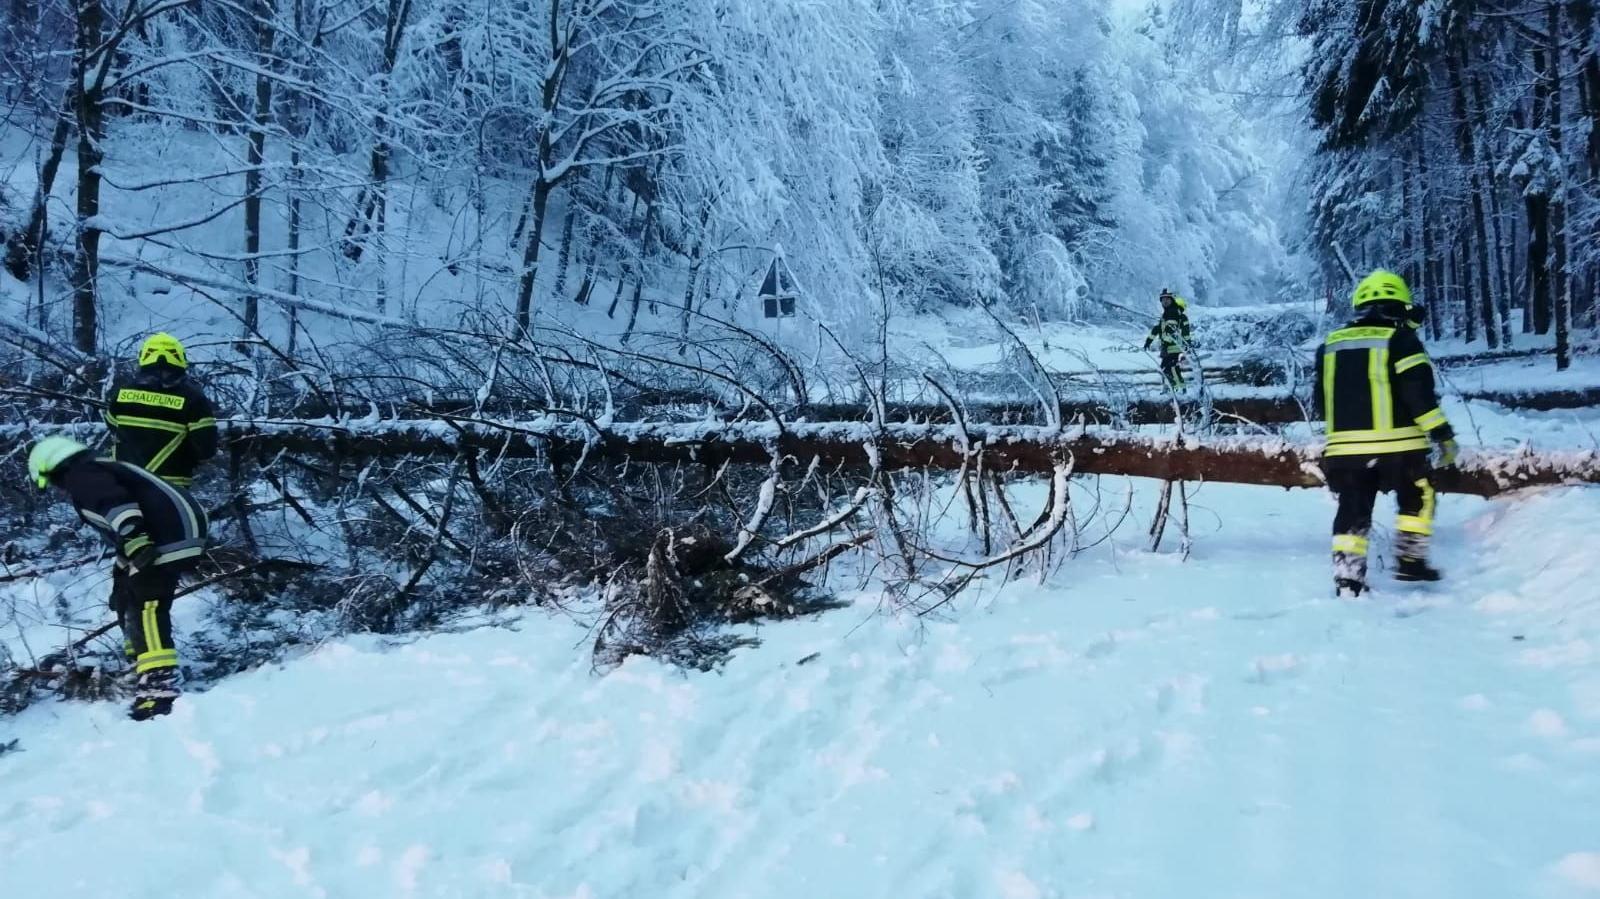 Das größte Problem im Landkreis Deggendorf: Schneebruch. Unter den Schneemassen brechen die Bäume zusammen.